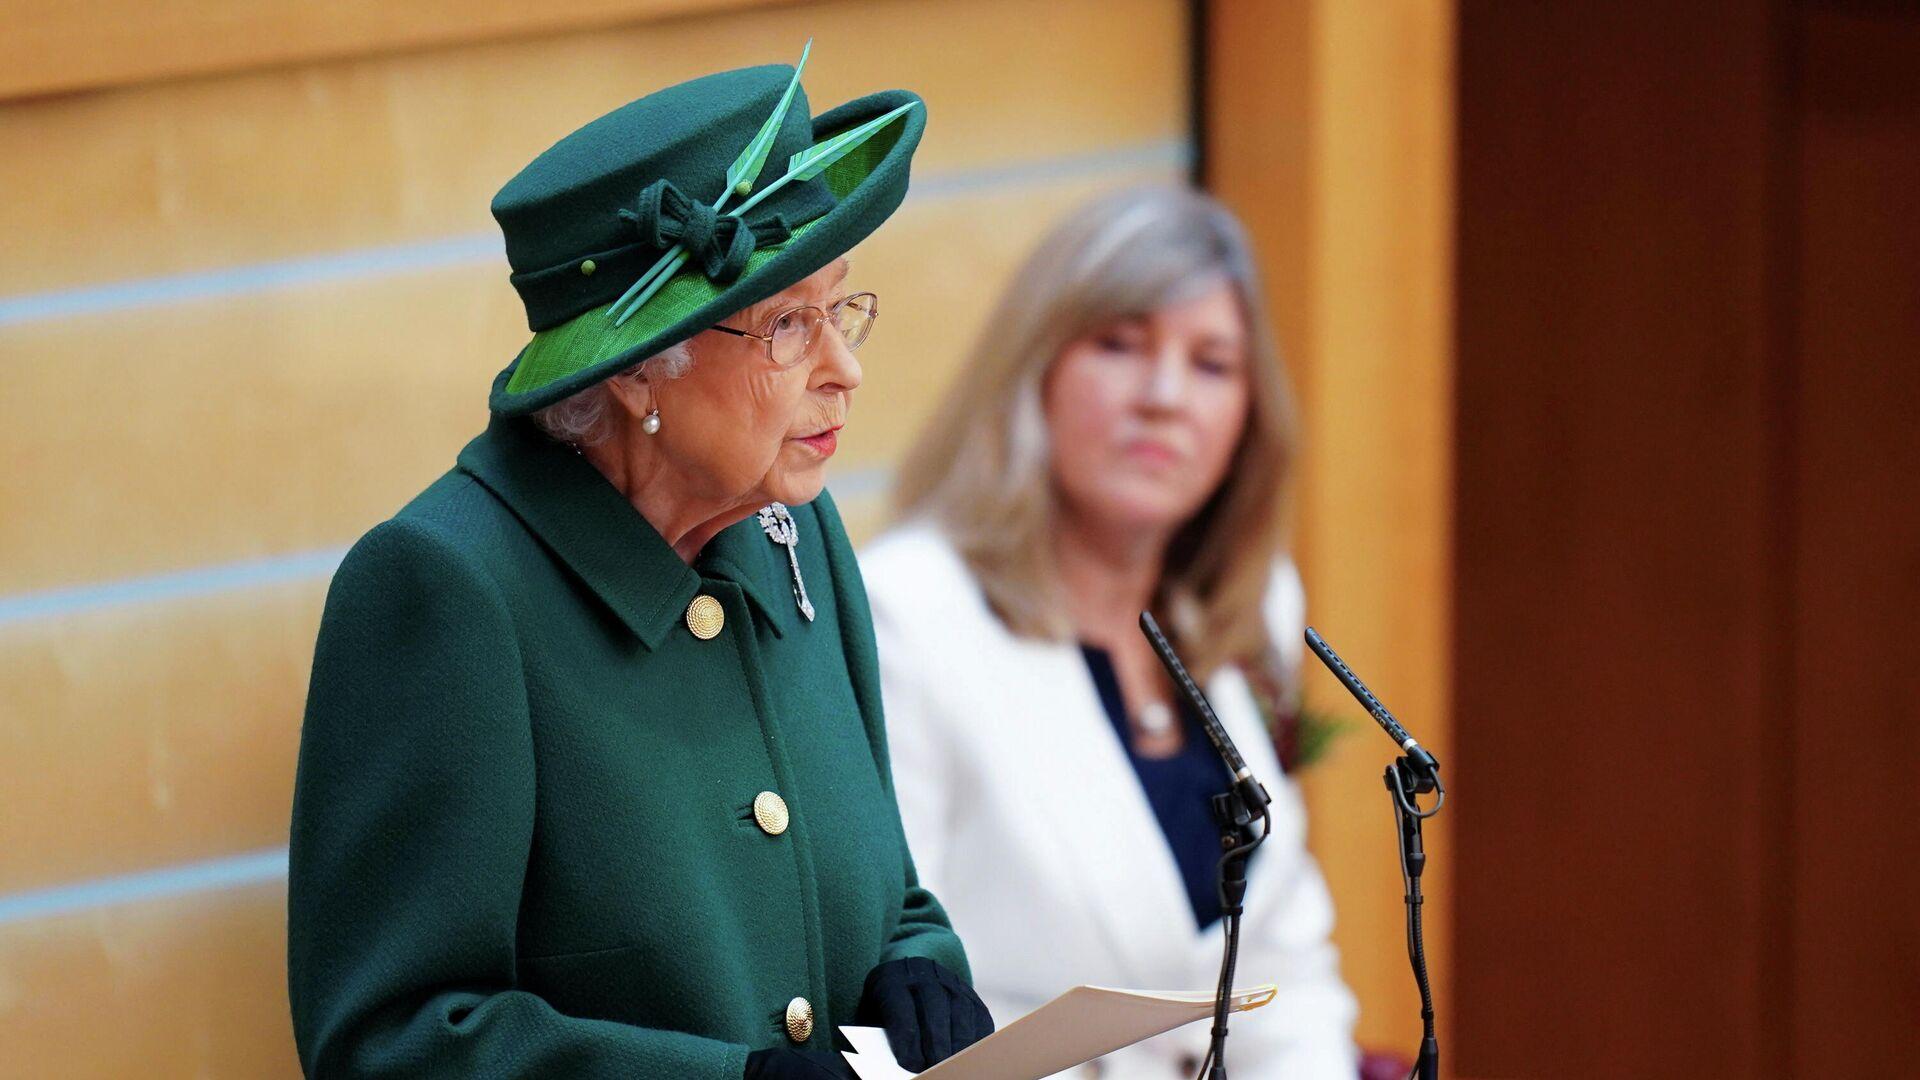 La reina británica Isabel II inaugura oficialmente la nueva sesión del Parlamento escocés, el 2 de octubre de 2021 - Sputnik Mundo, 1920, 02.10.2021